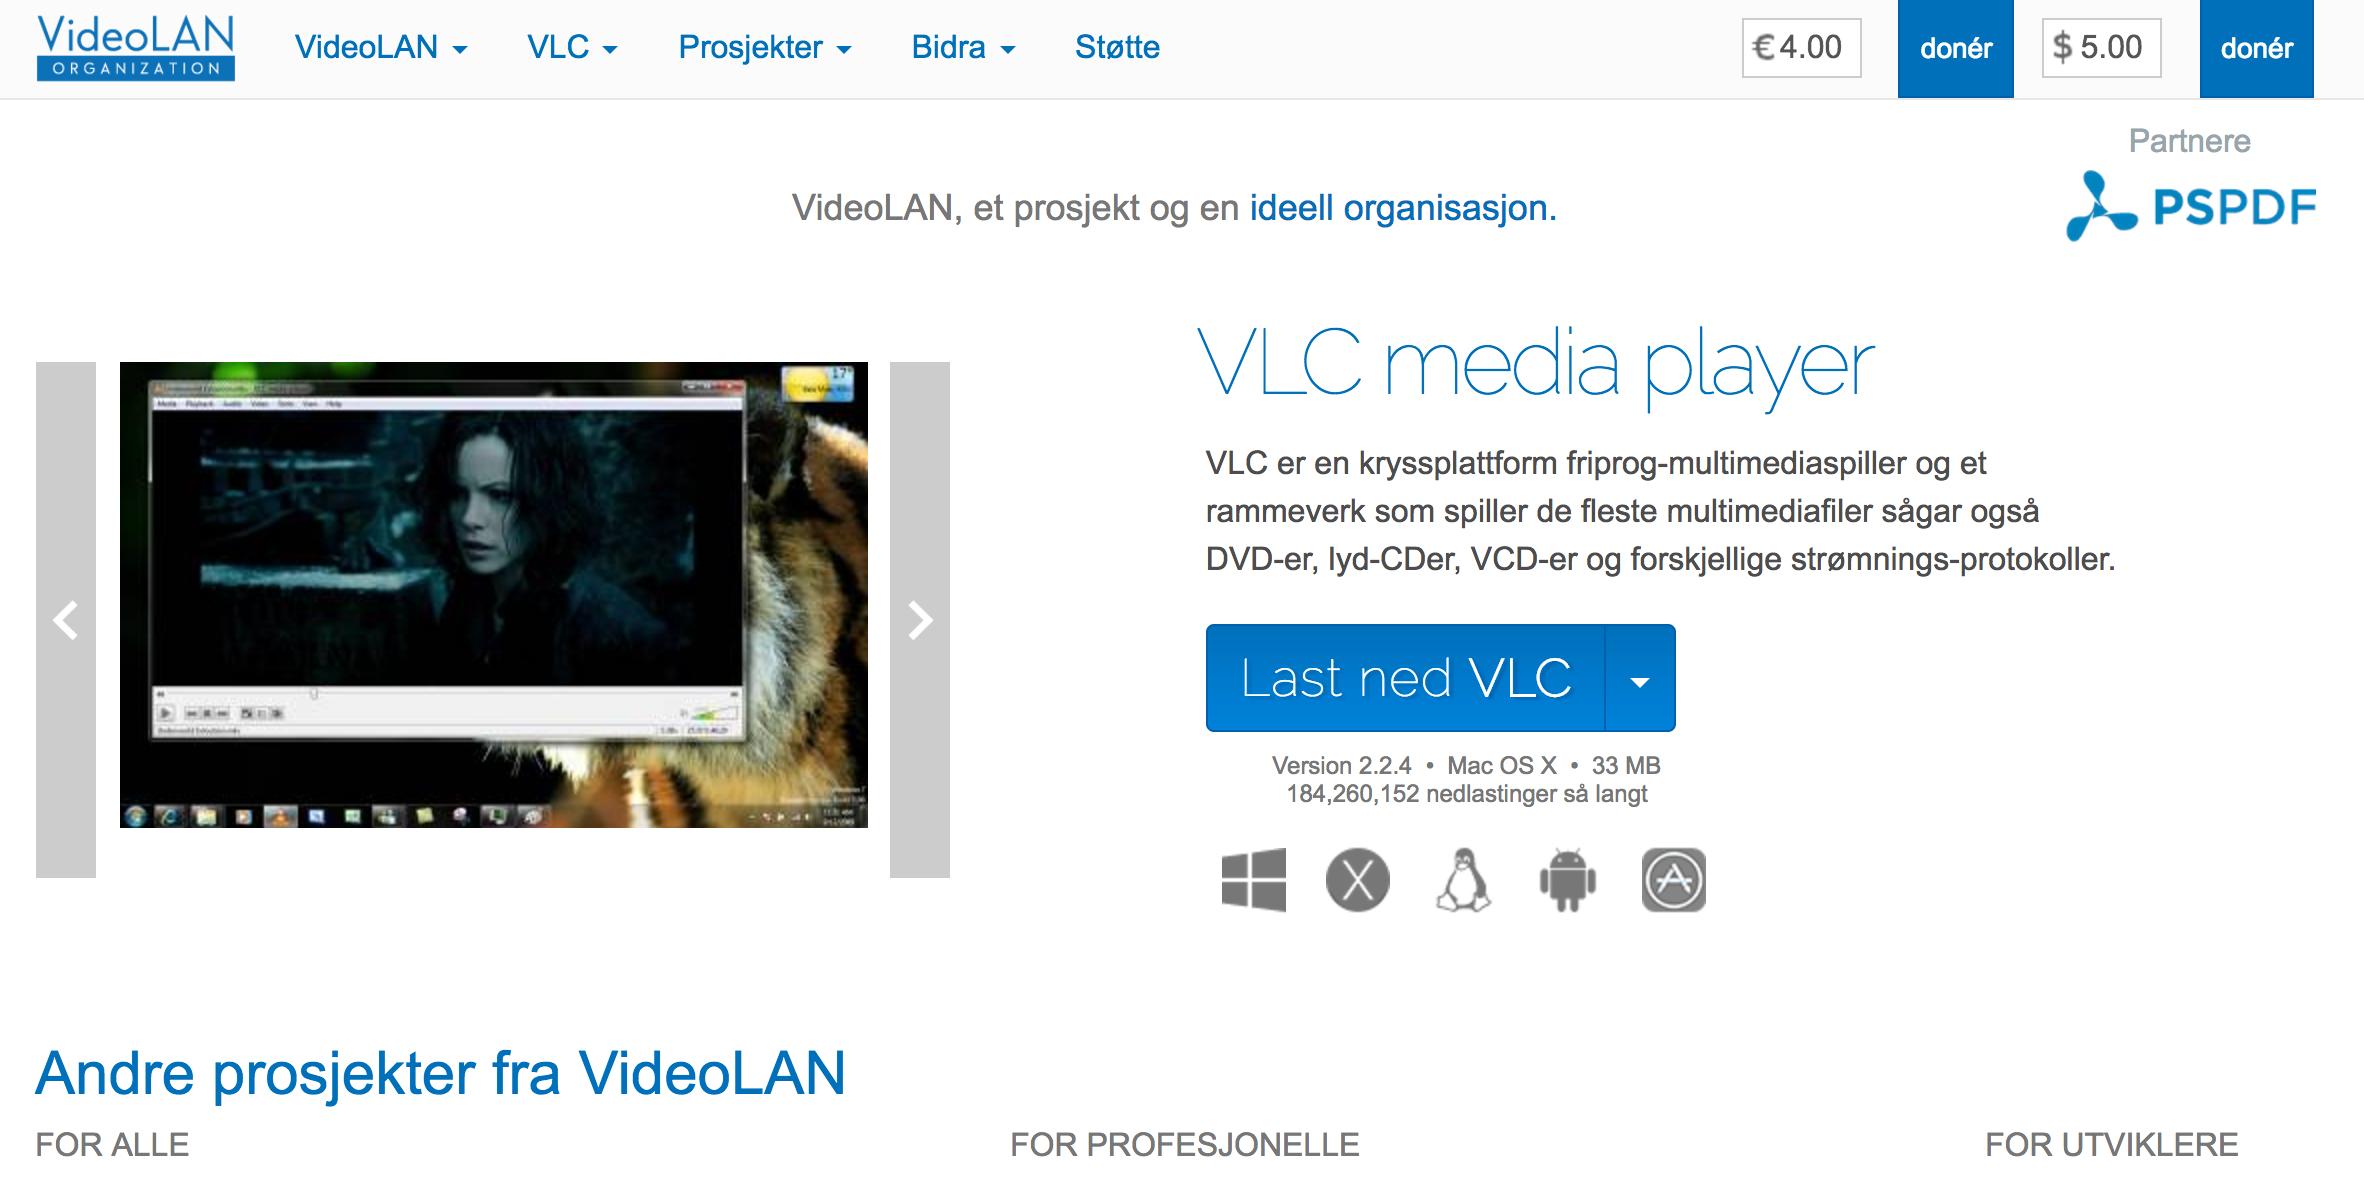 Skjermbilde fra hjemmesiden til Videolan VLC.